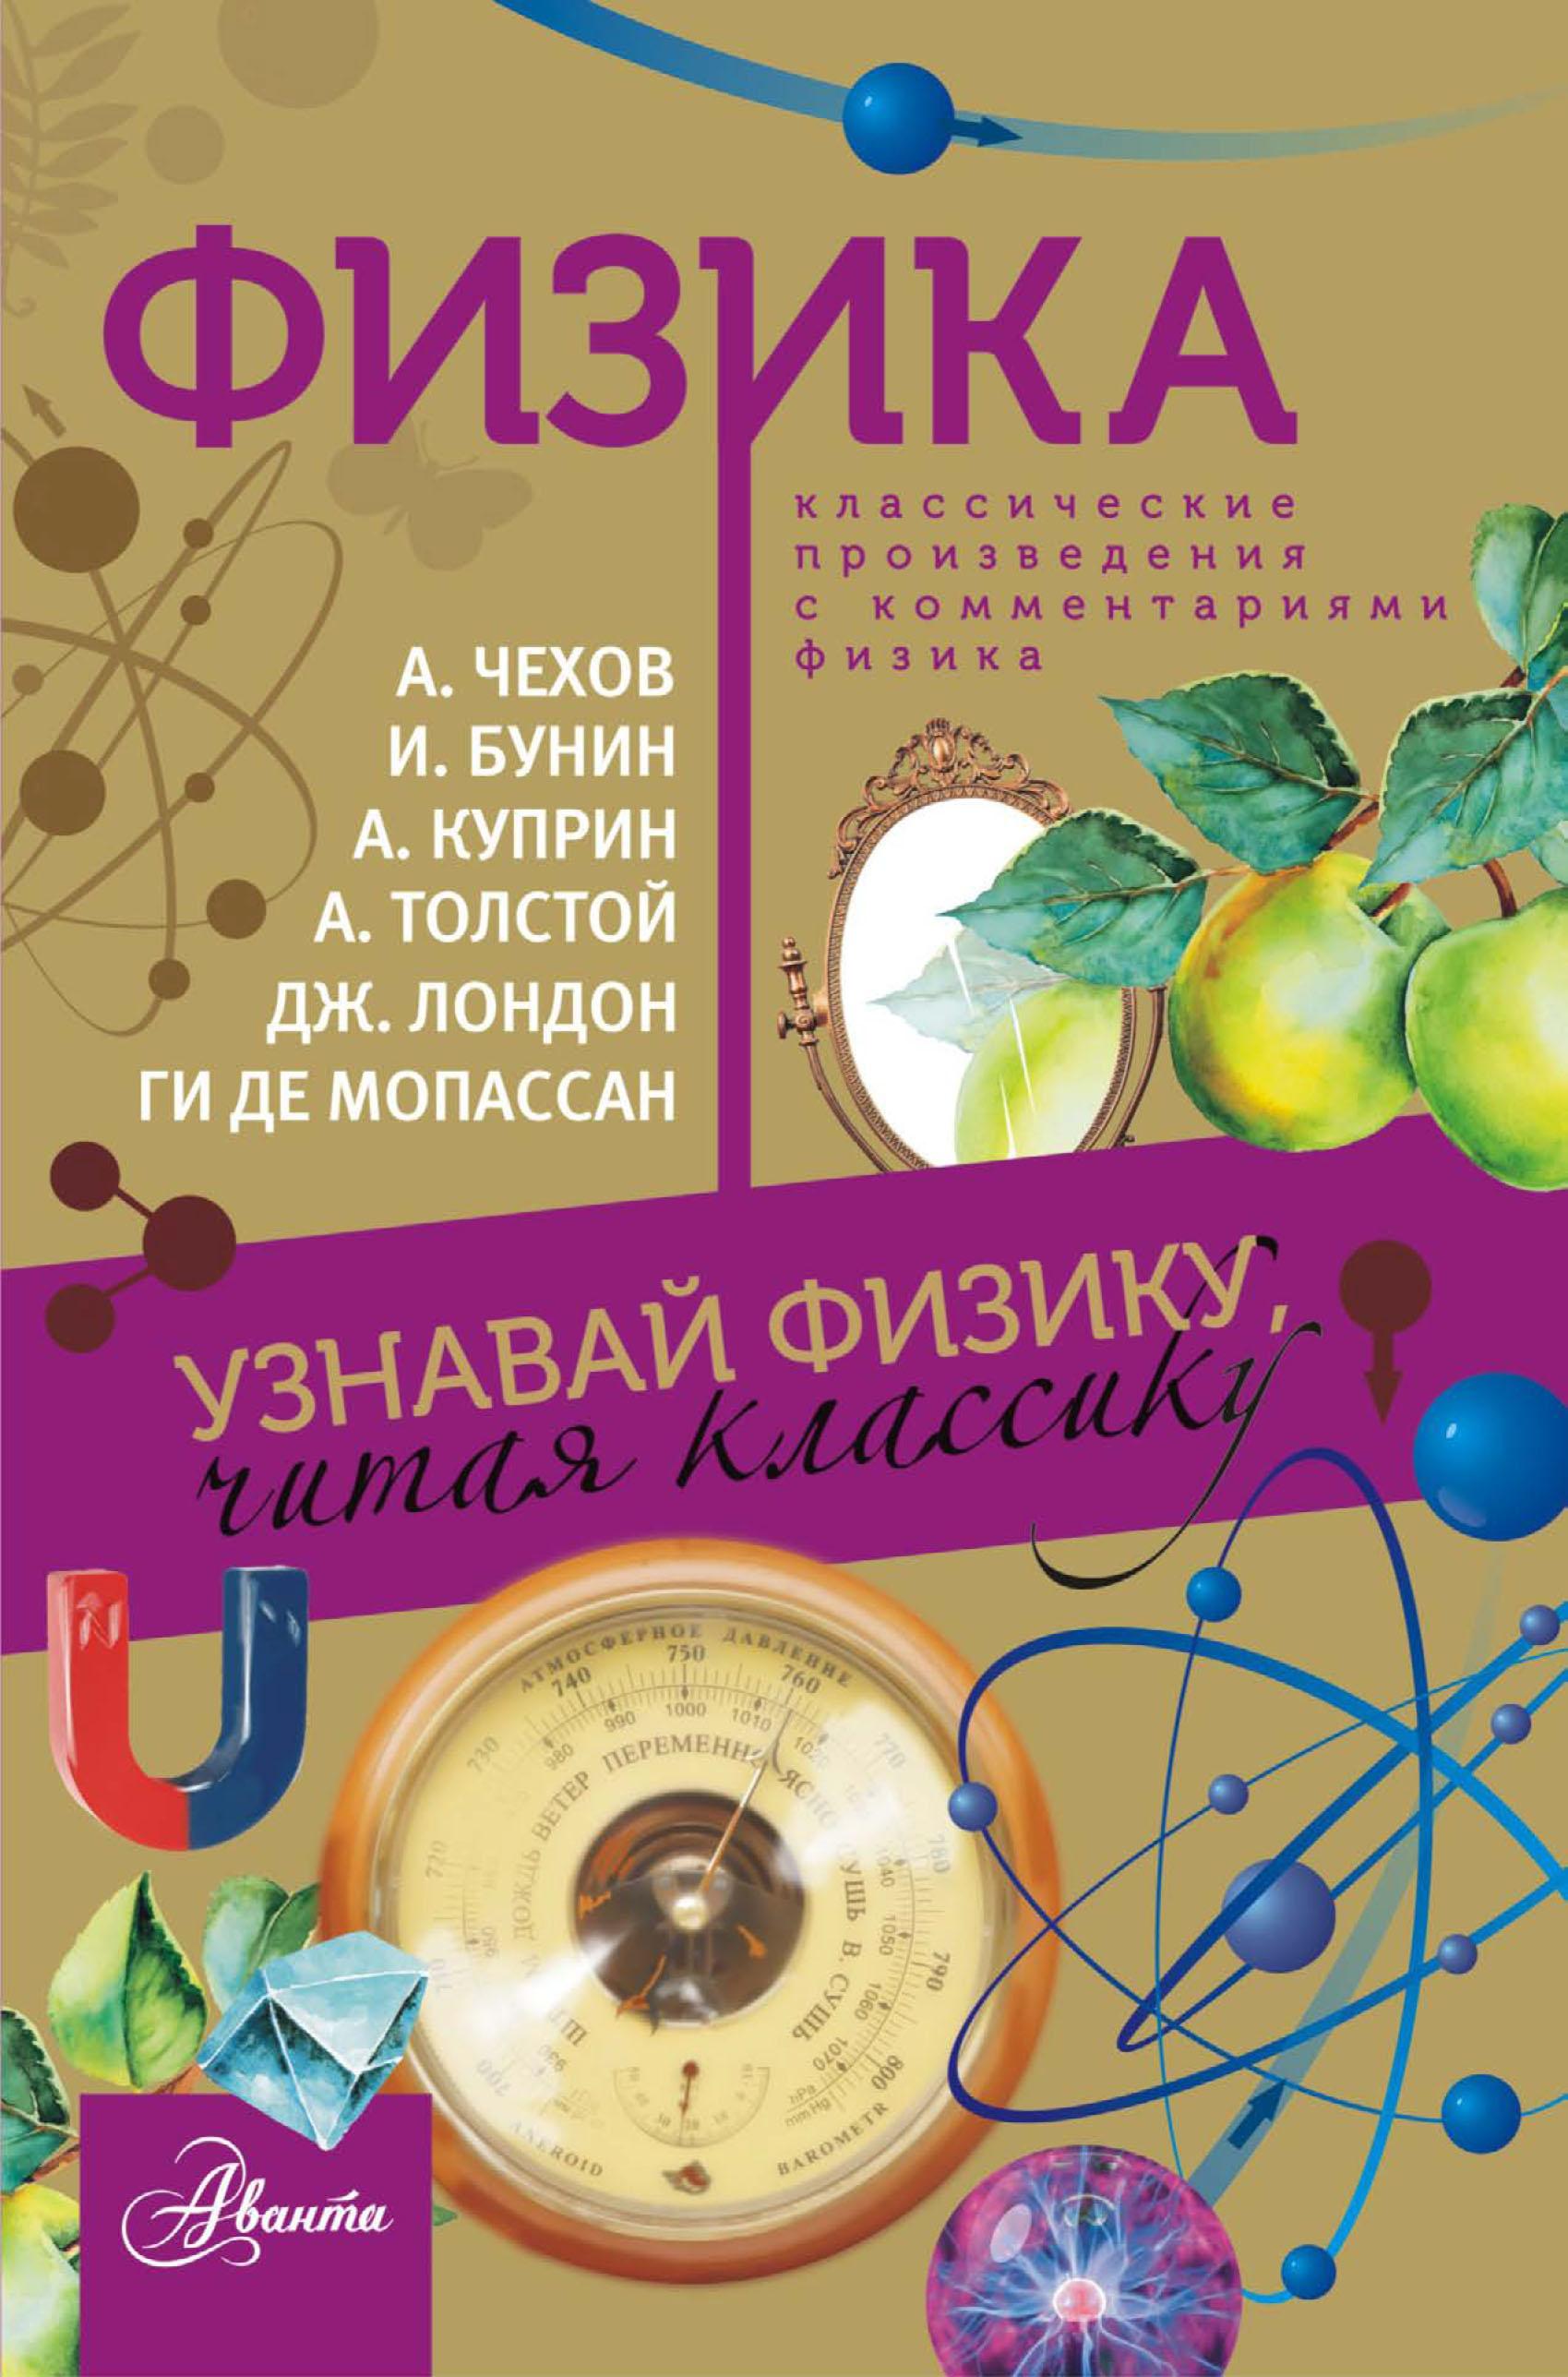 Сборник Физика. Классические произведения с комментариями физика цена и фото